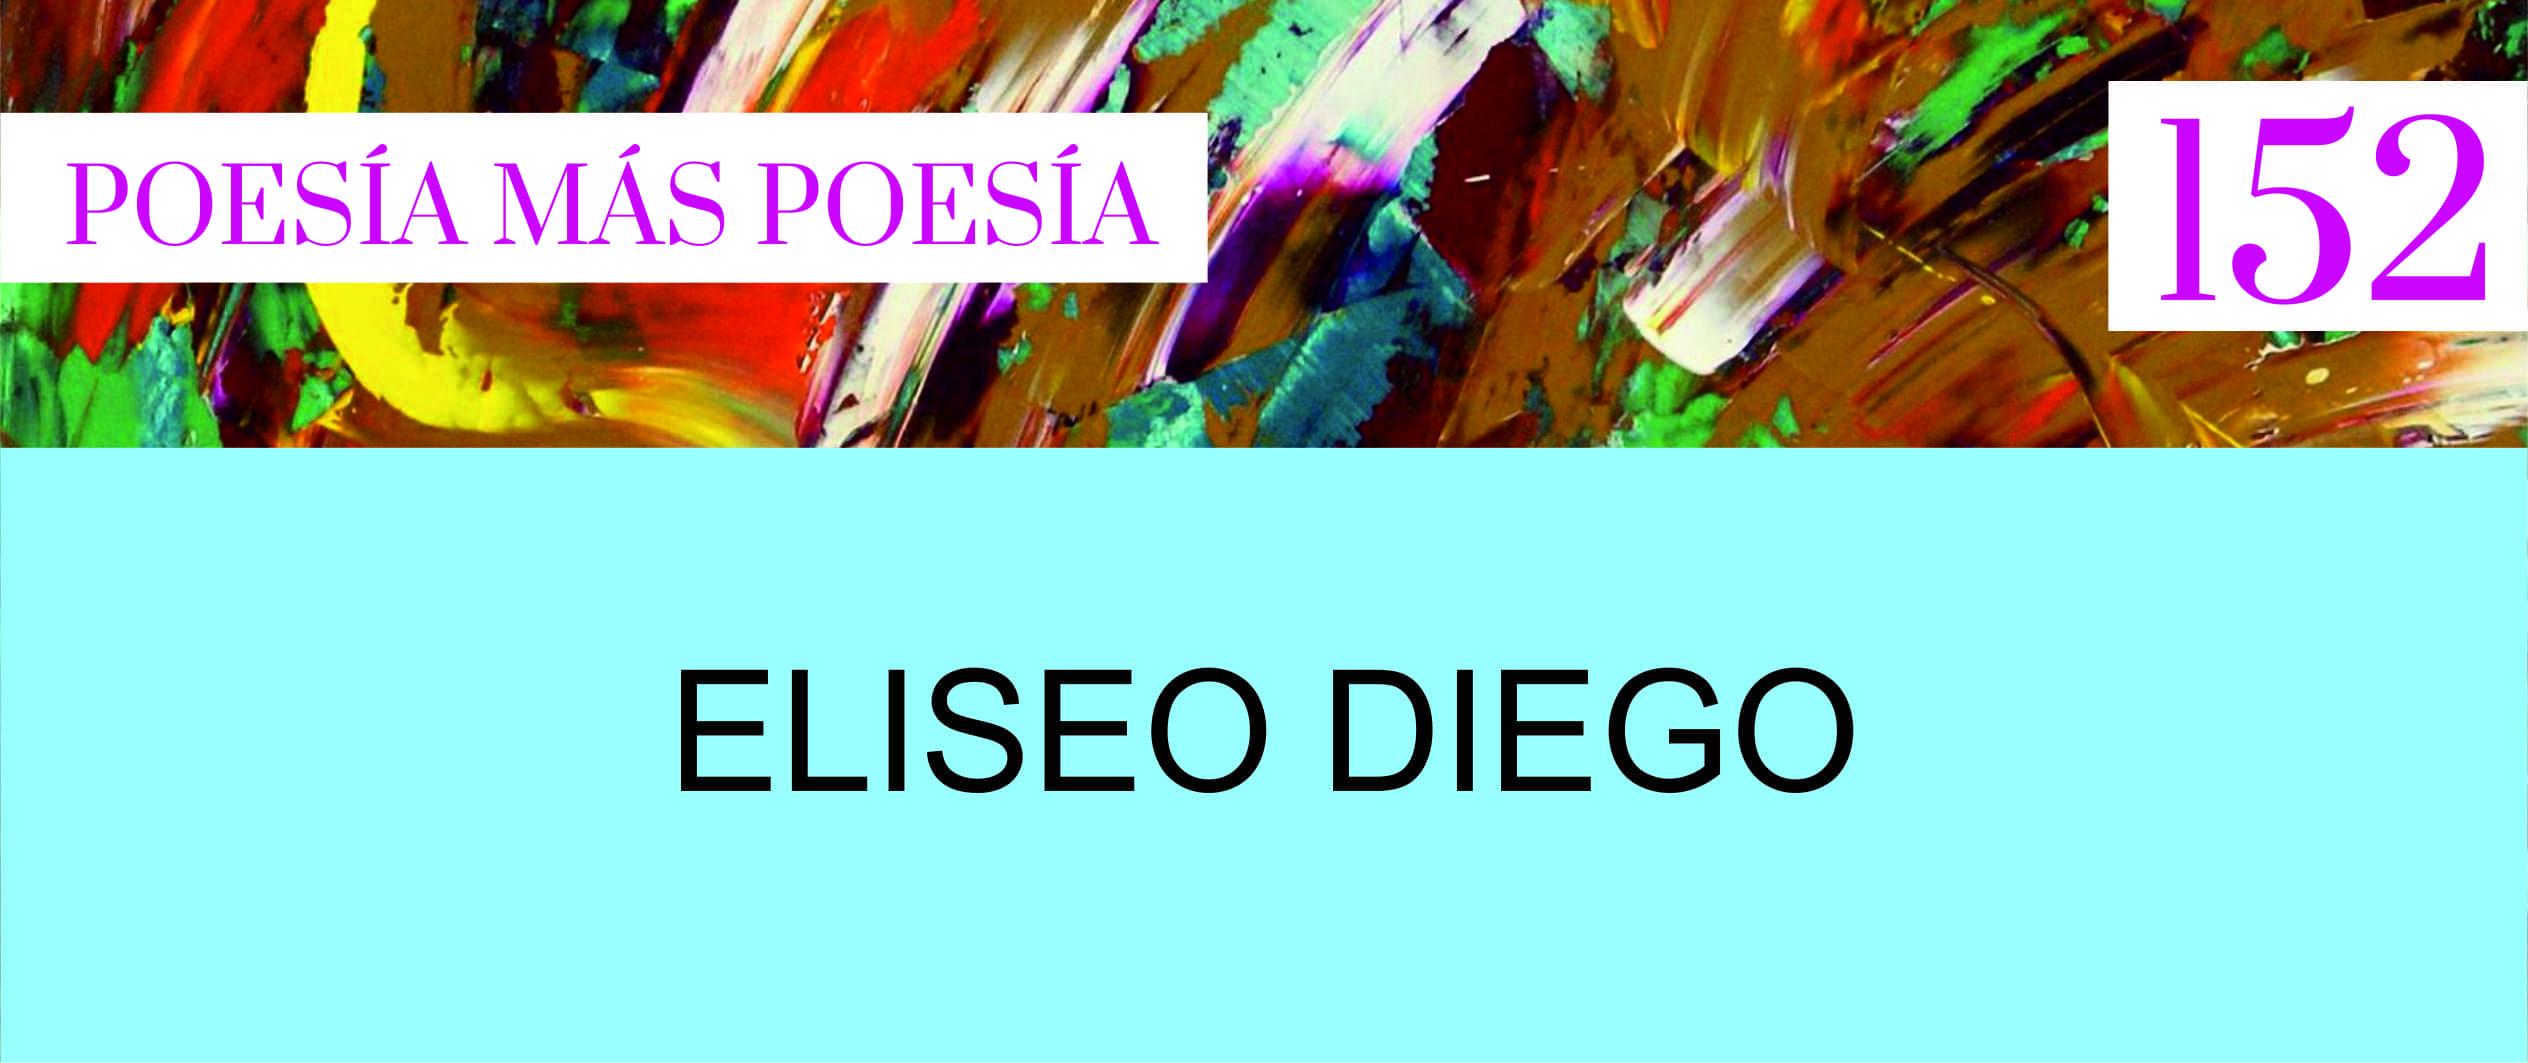 152. Poesía más Poesía: Eliseo Diego